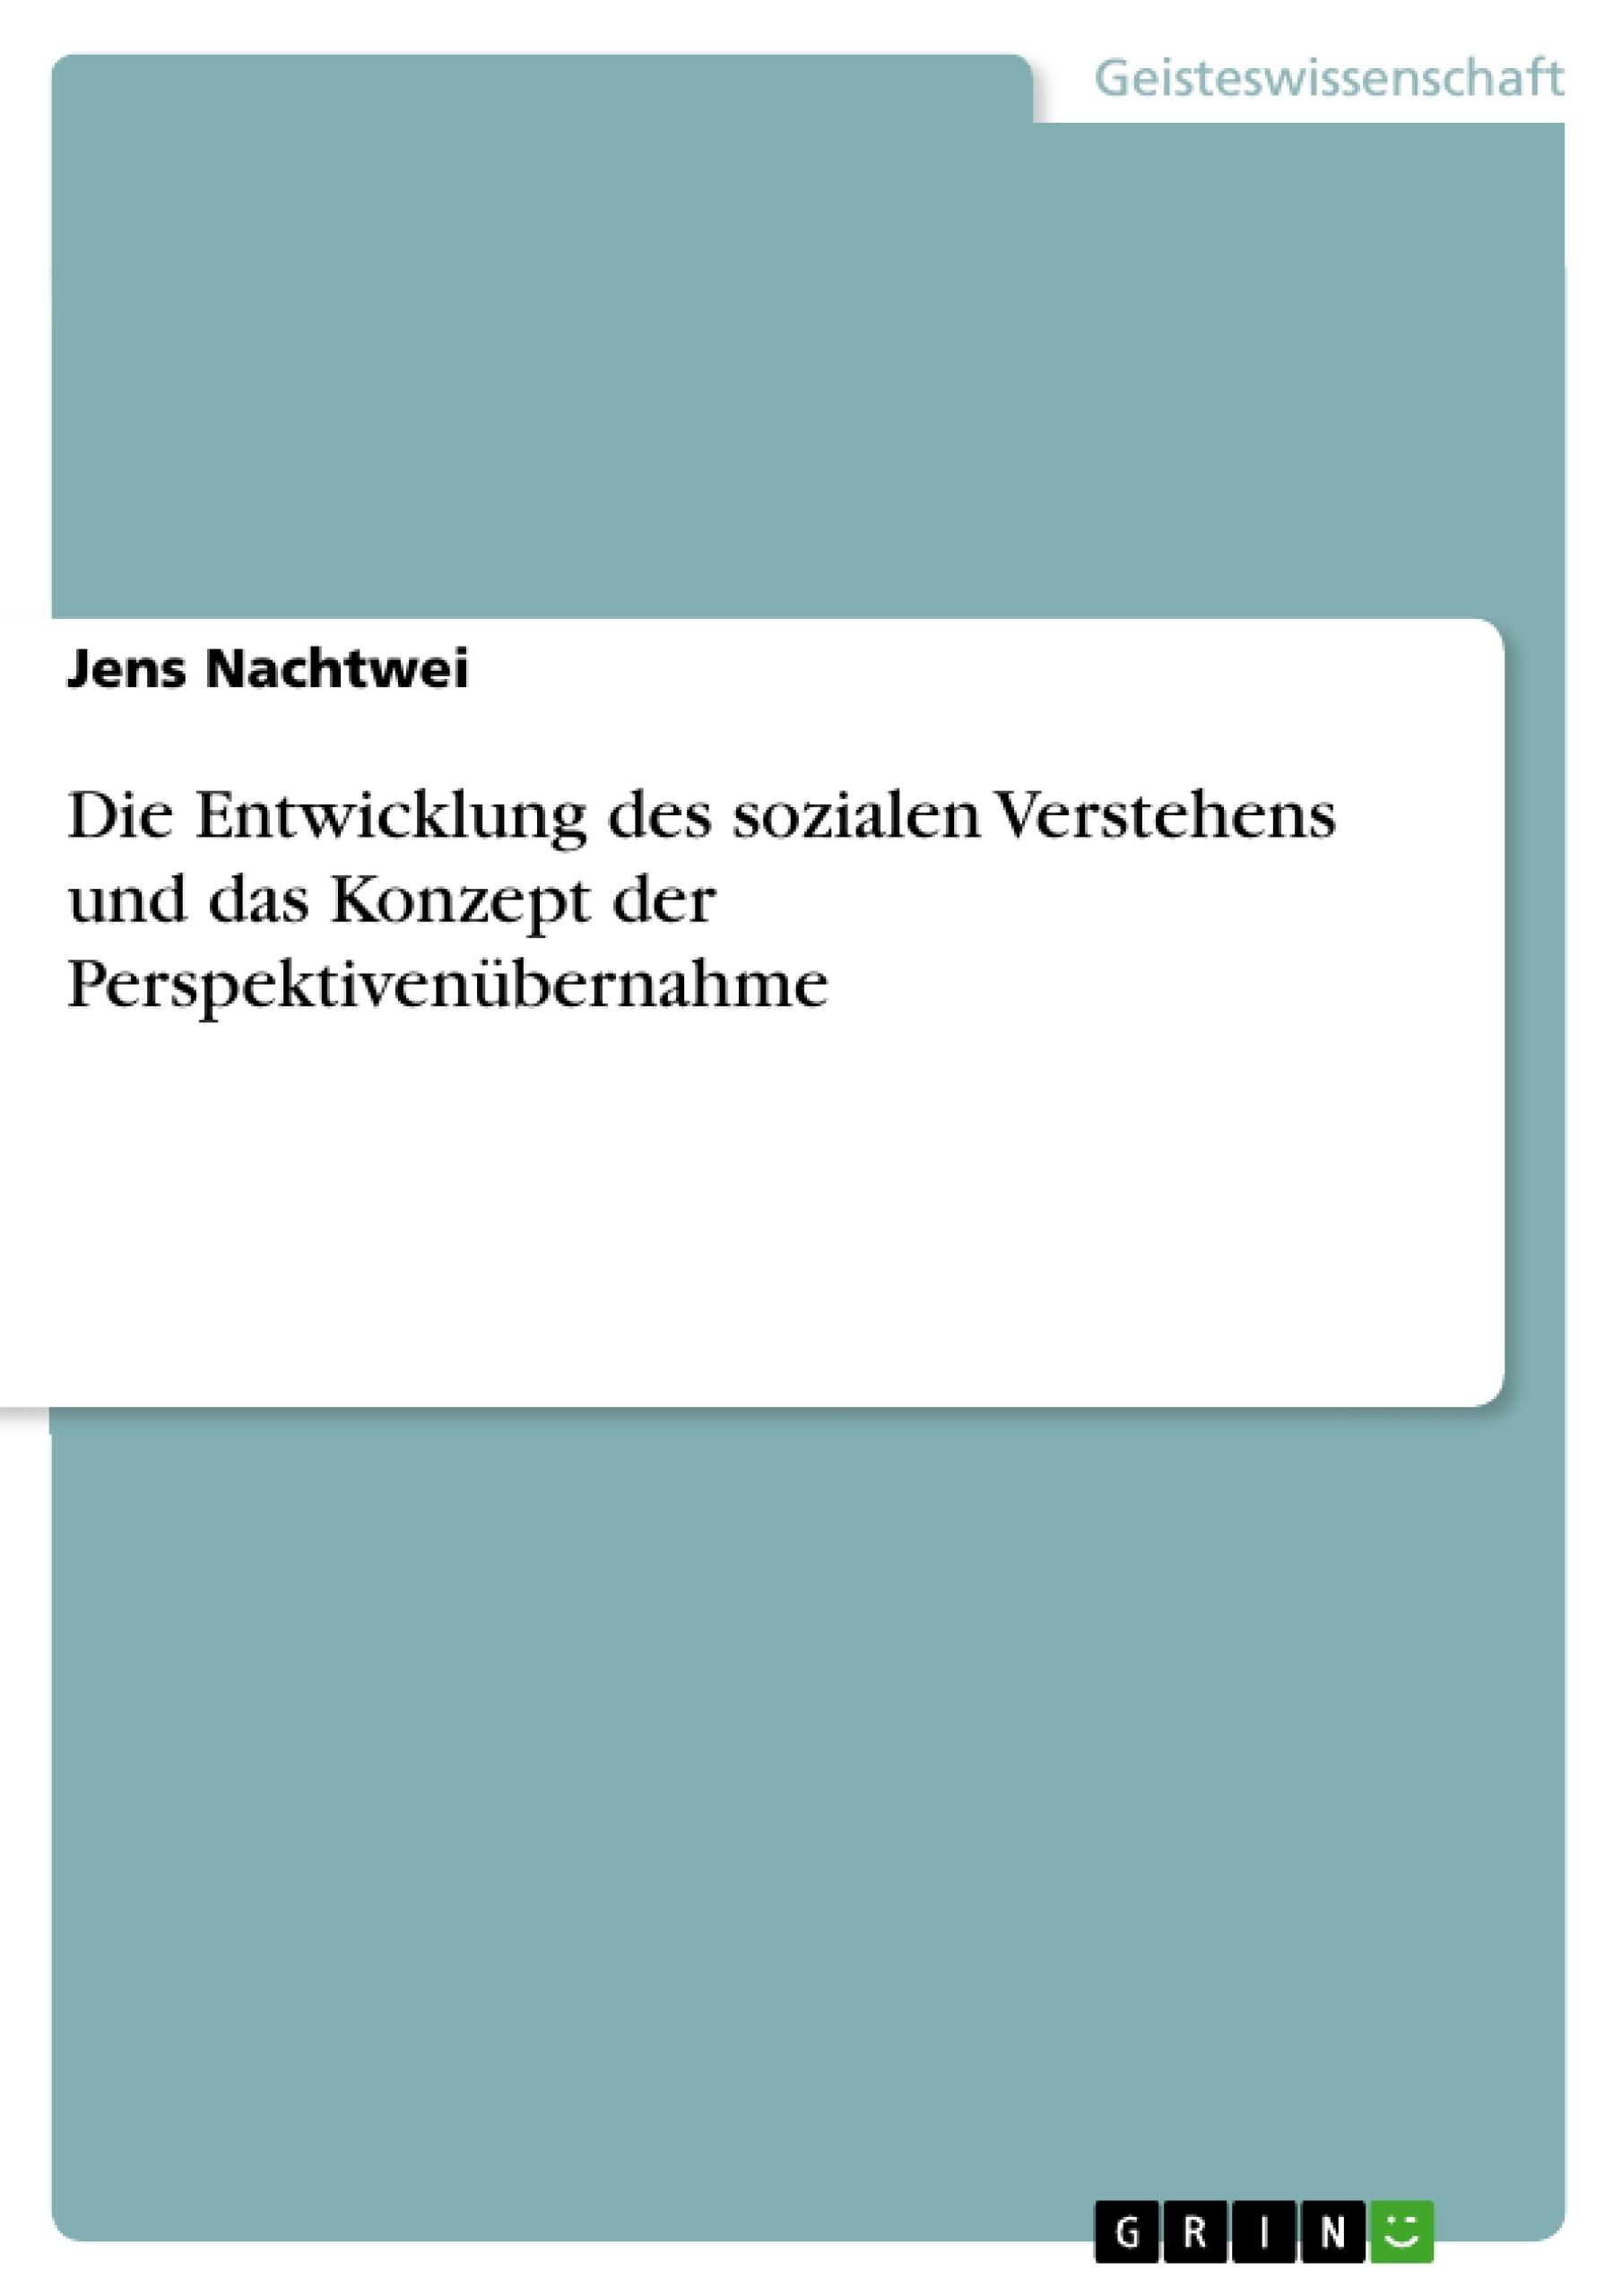 Titel: Die Entwicklung des sozialen Verstehens und das Konzept der Perspektivenübernahme